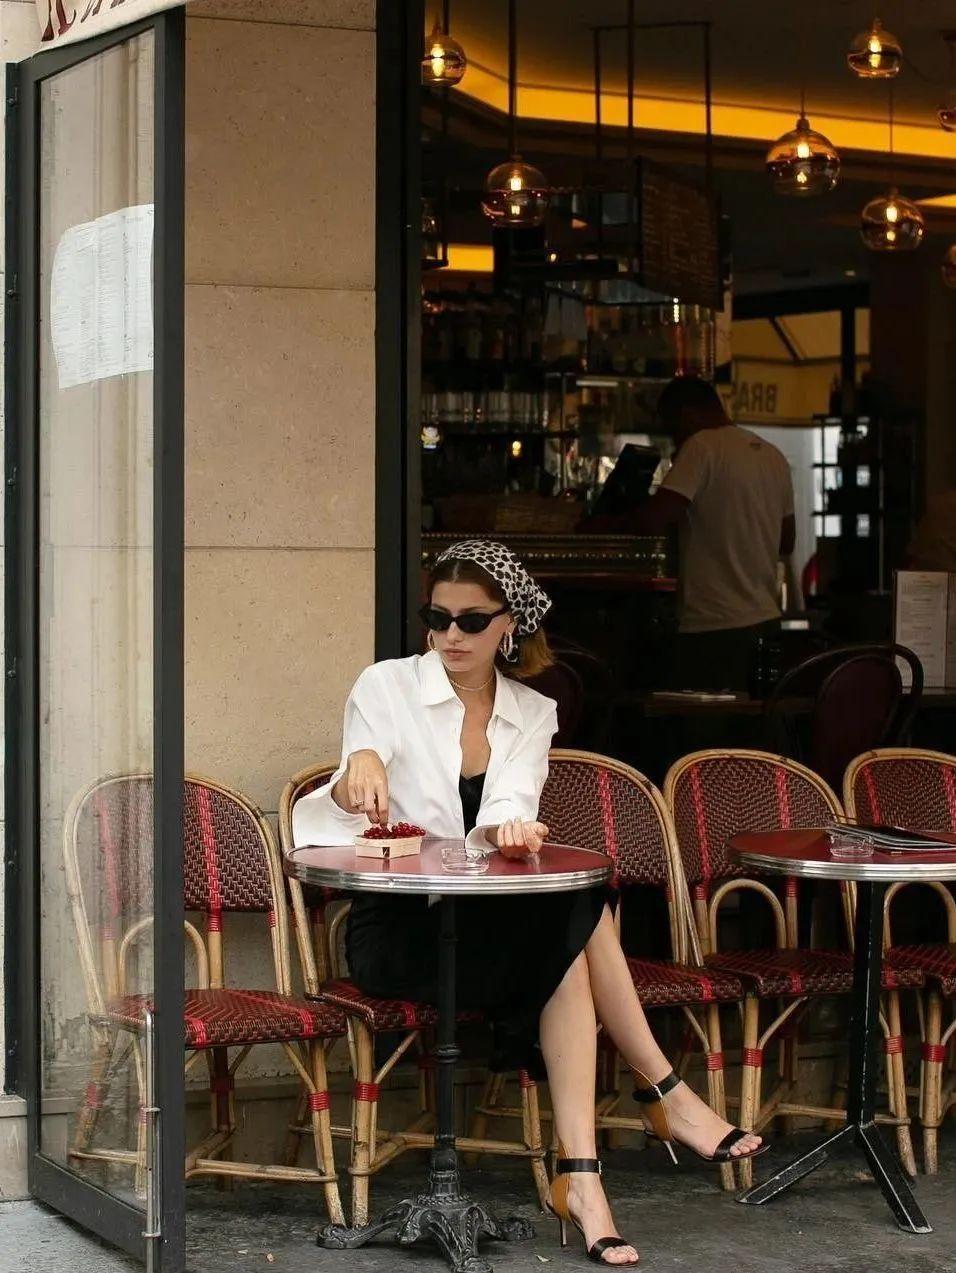 Sơ mi trắng - item kinh điển nhưng muốn mặc đẹp thì không phải nàng công sở nào cũng biết 9